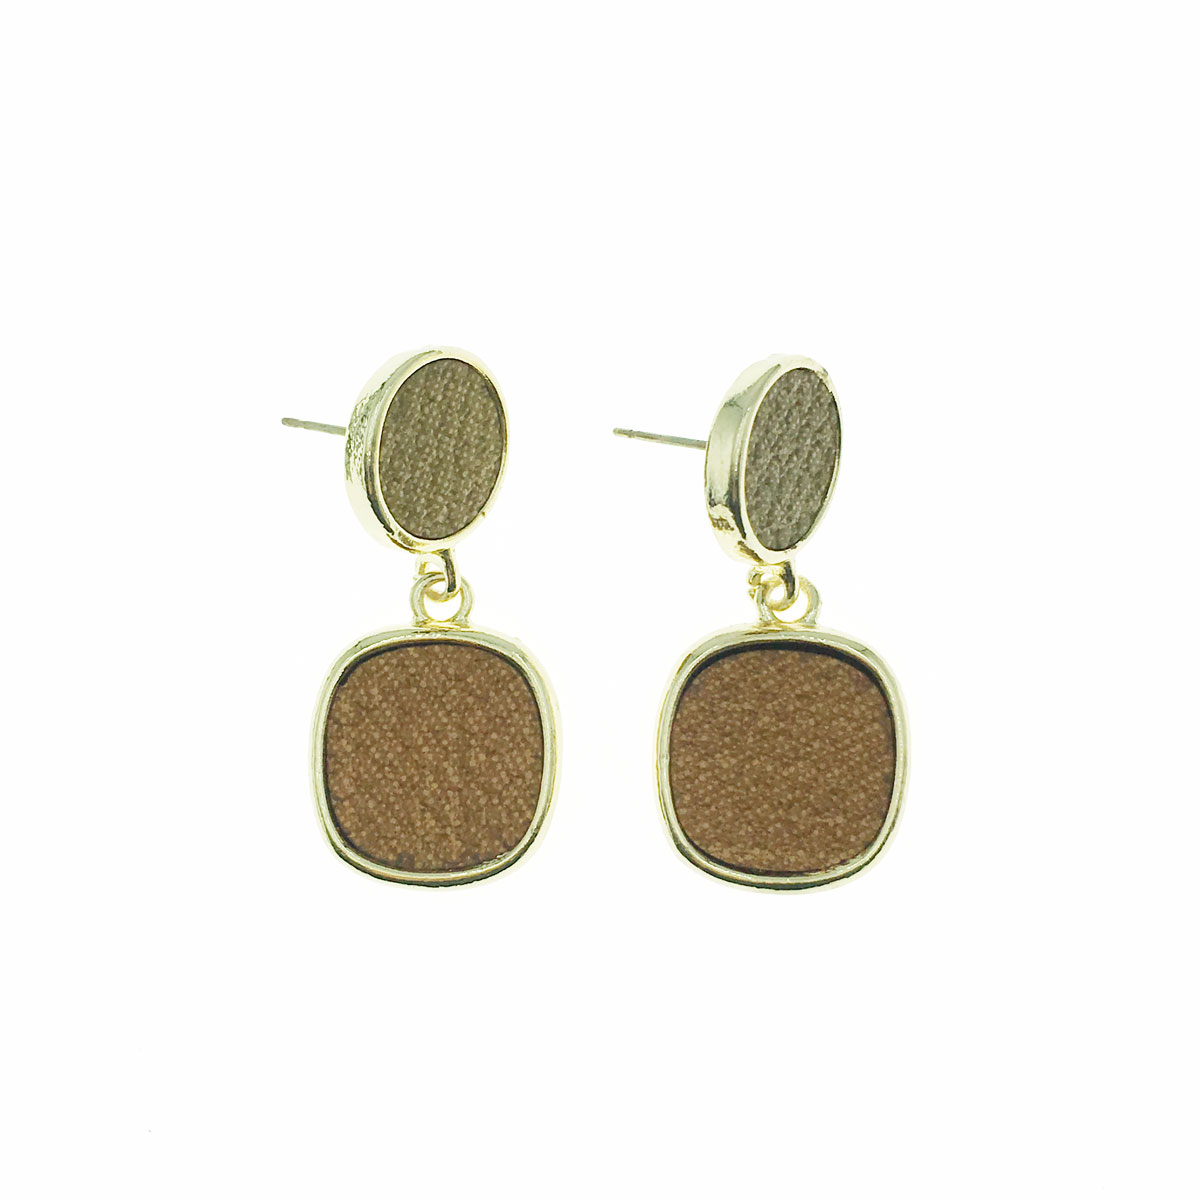 韓國 925純銀 木質感 金邊 正方形 圓 垂墜感 耳針式 耳環